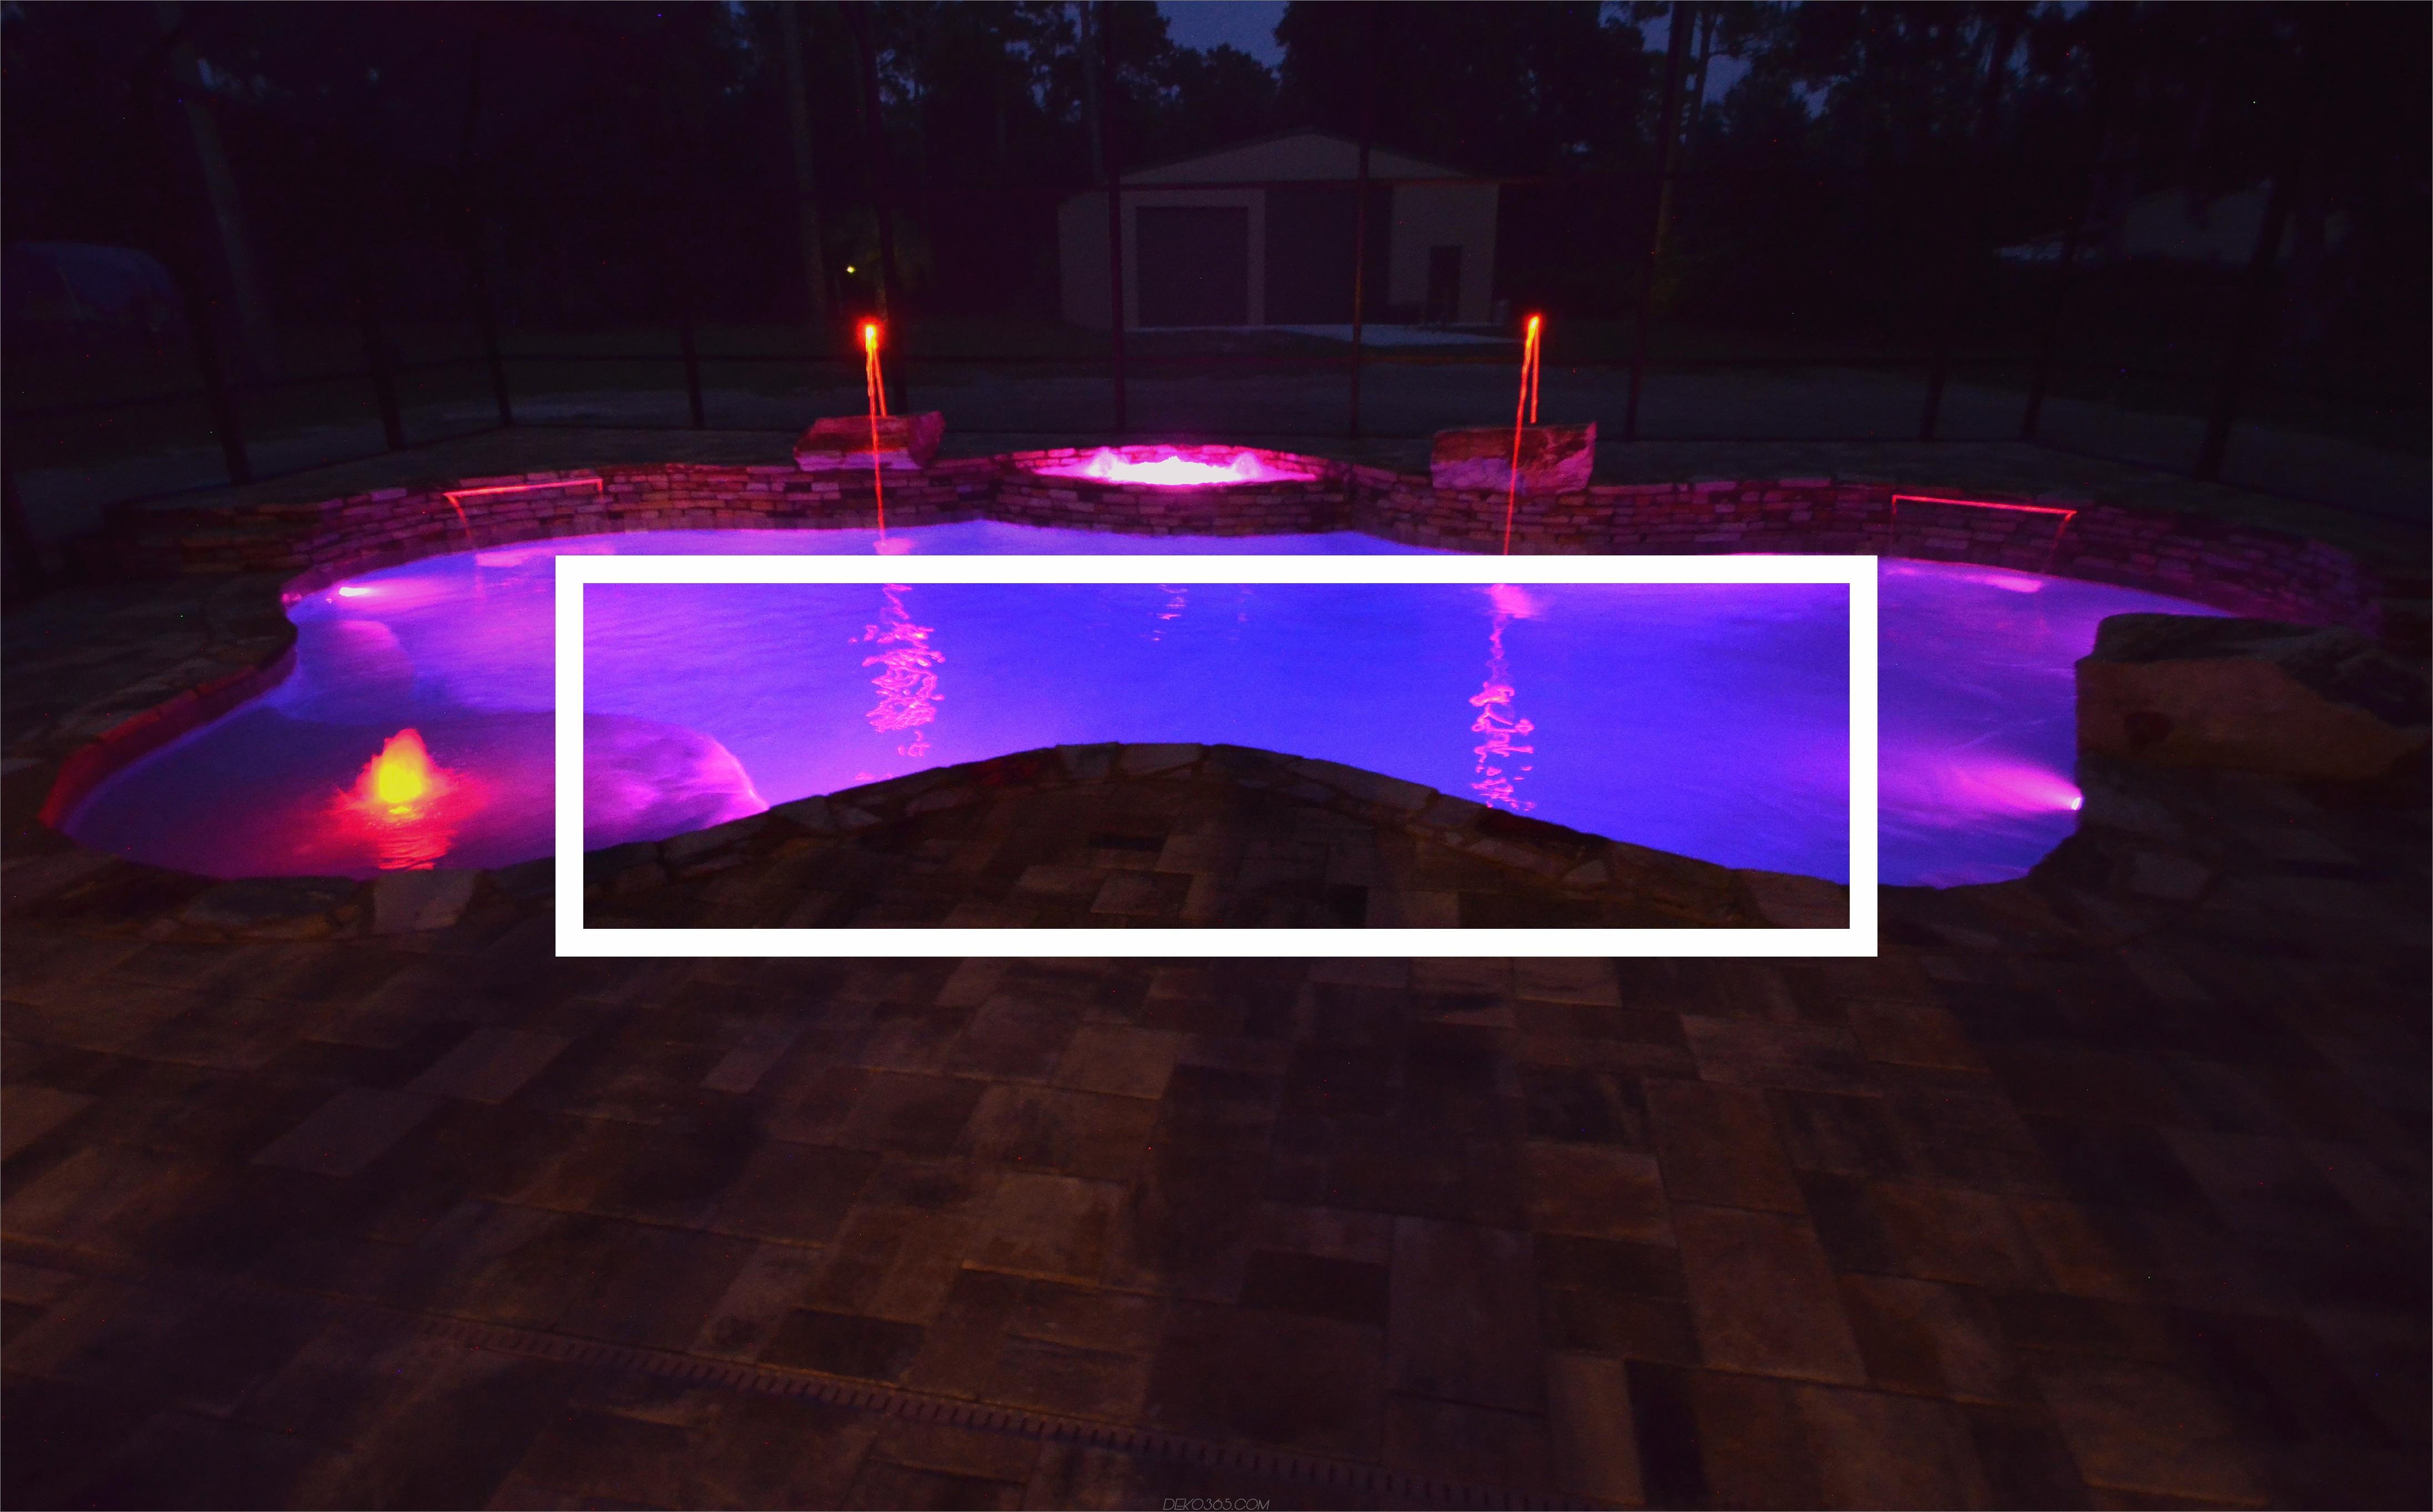 Schwimmbadtrends für das ultimative Staycation zu Hause_5c58ba9a09782.jpg